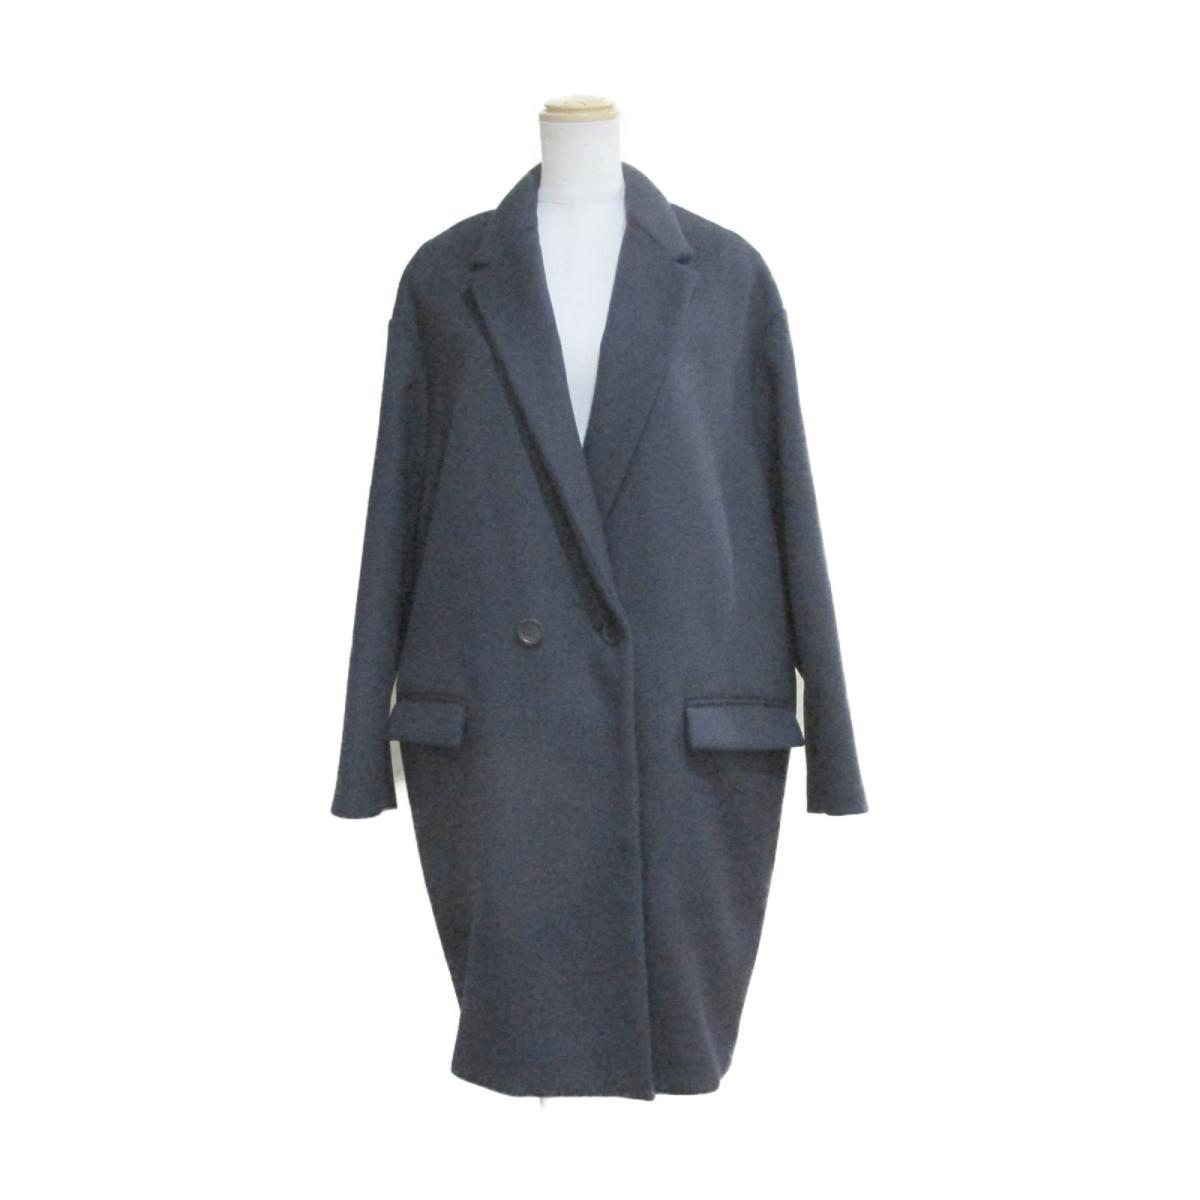 【中古】 イザベルマラン コート レディース ウール99% x ナイロン1% ネイビー | ISABEL MARANT BRANDOFF ブランドオフ 衣料品 衣類 ブランド アウター ジャケット